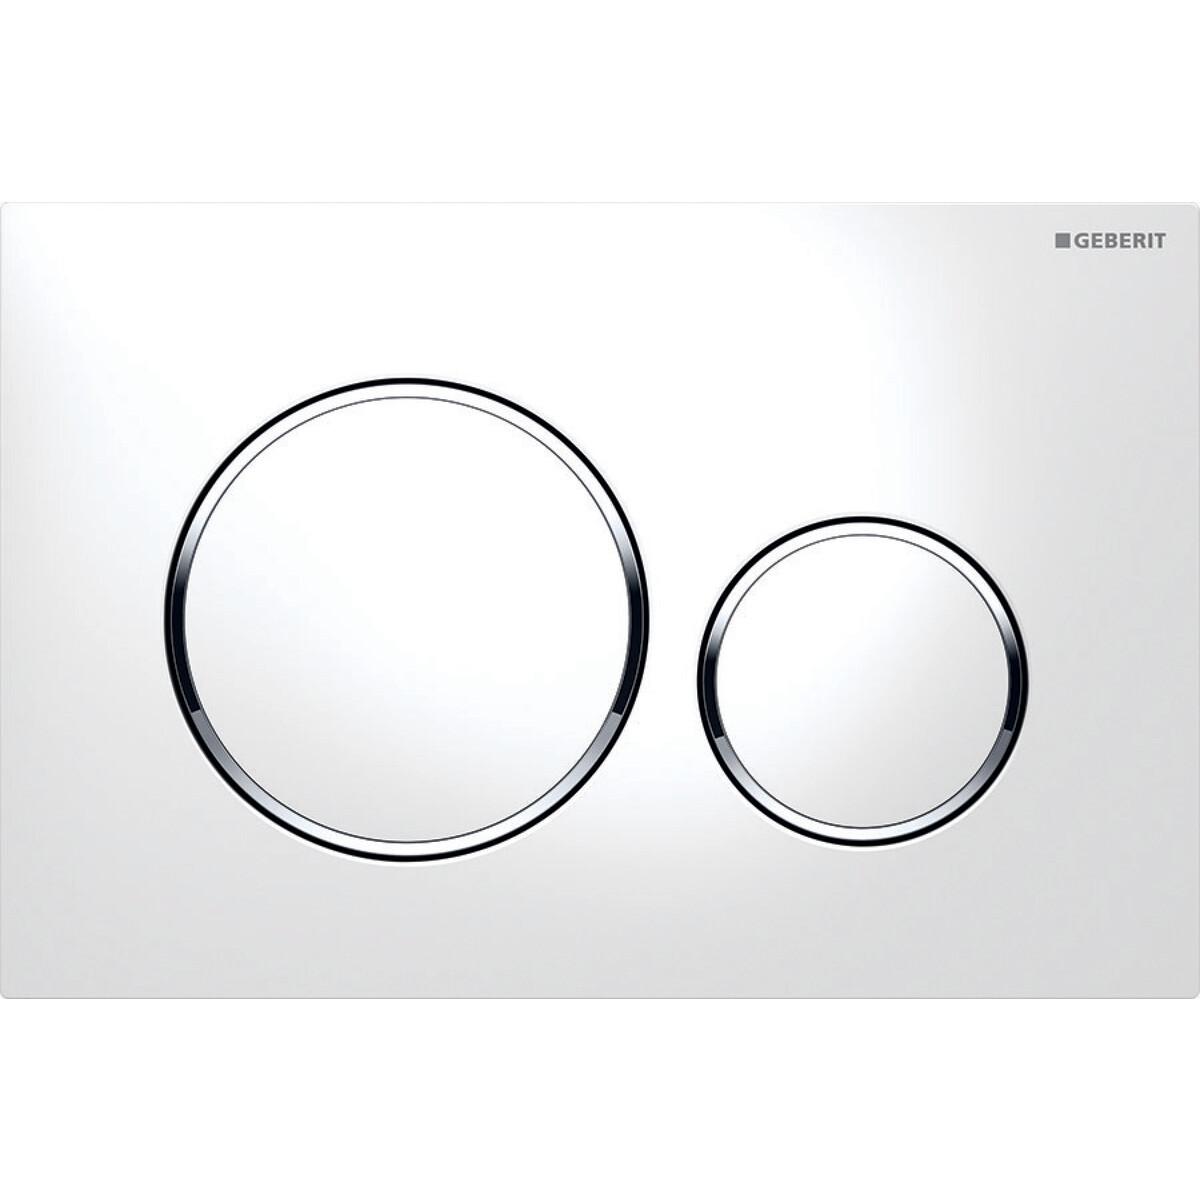 Plaque de déclenchement Geberit Sigma20 / Blanc chromé